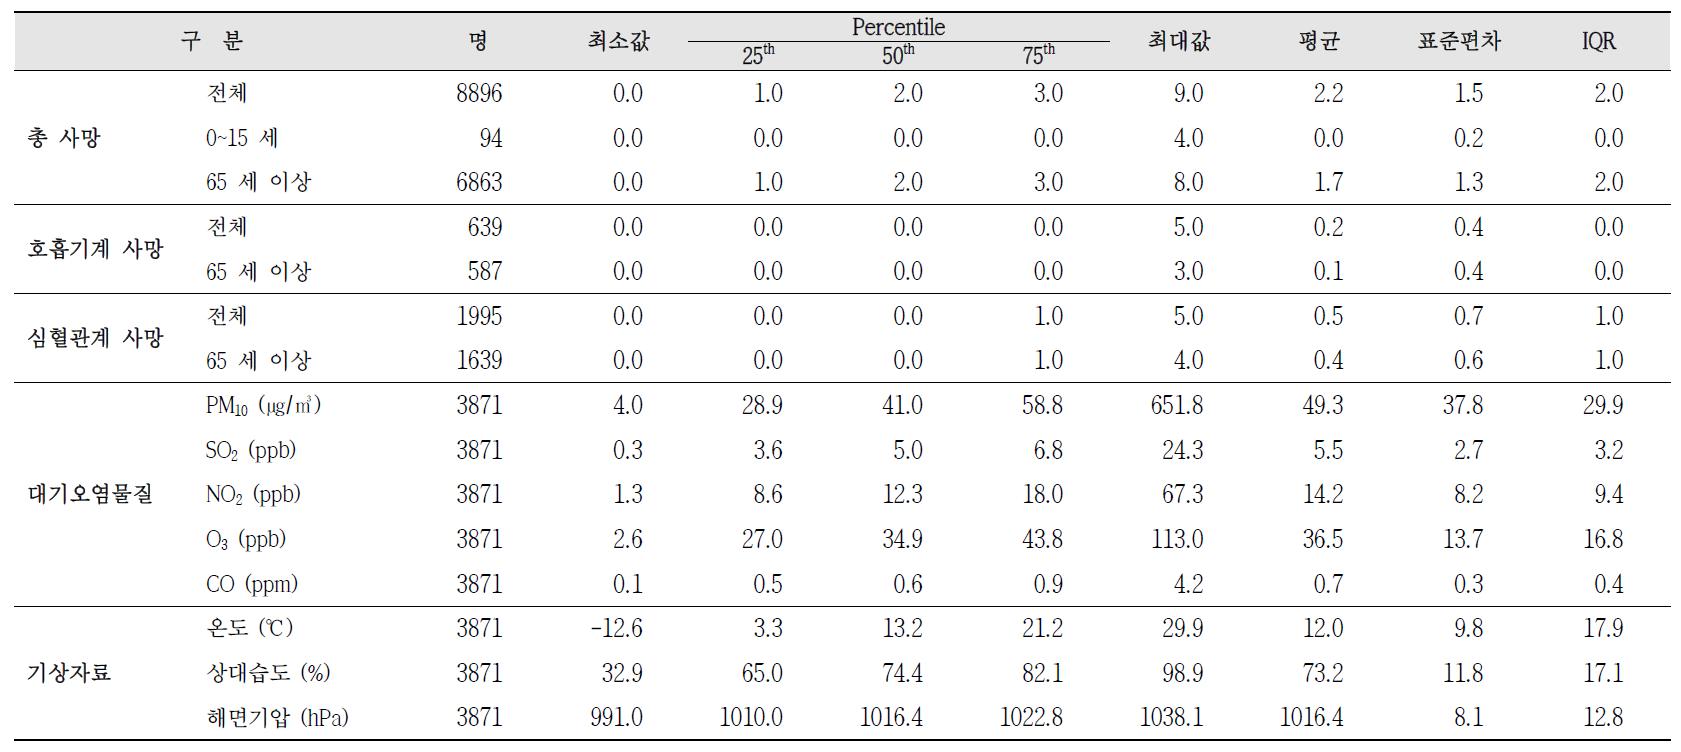 서산시 사망자수, 대기오염물질 농도, 기상데이터 기술통계(2001~2011년)